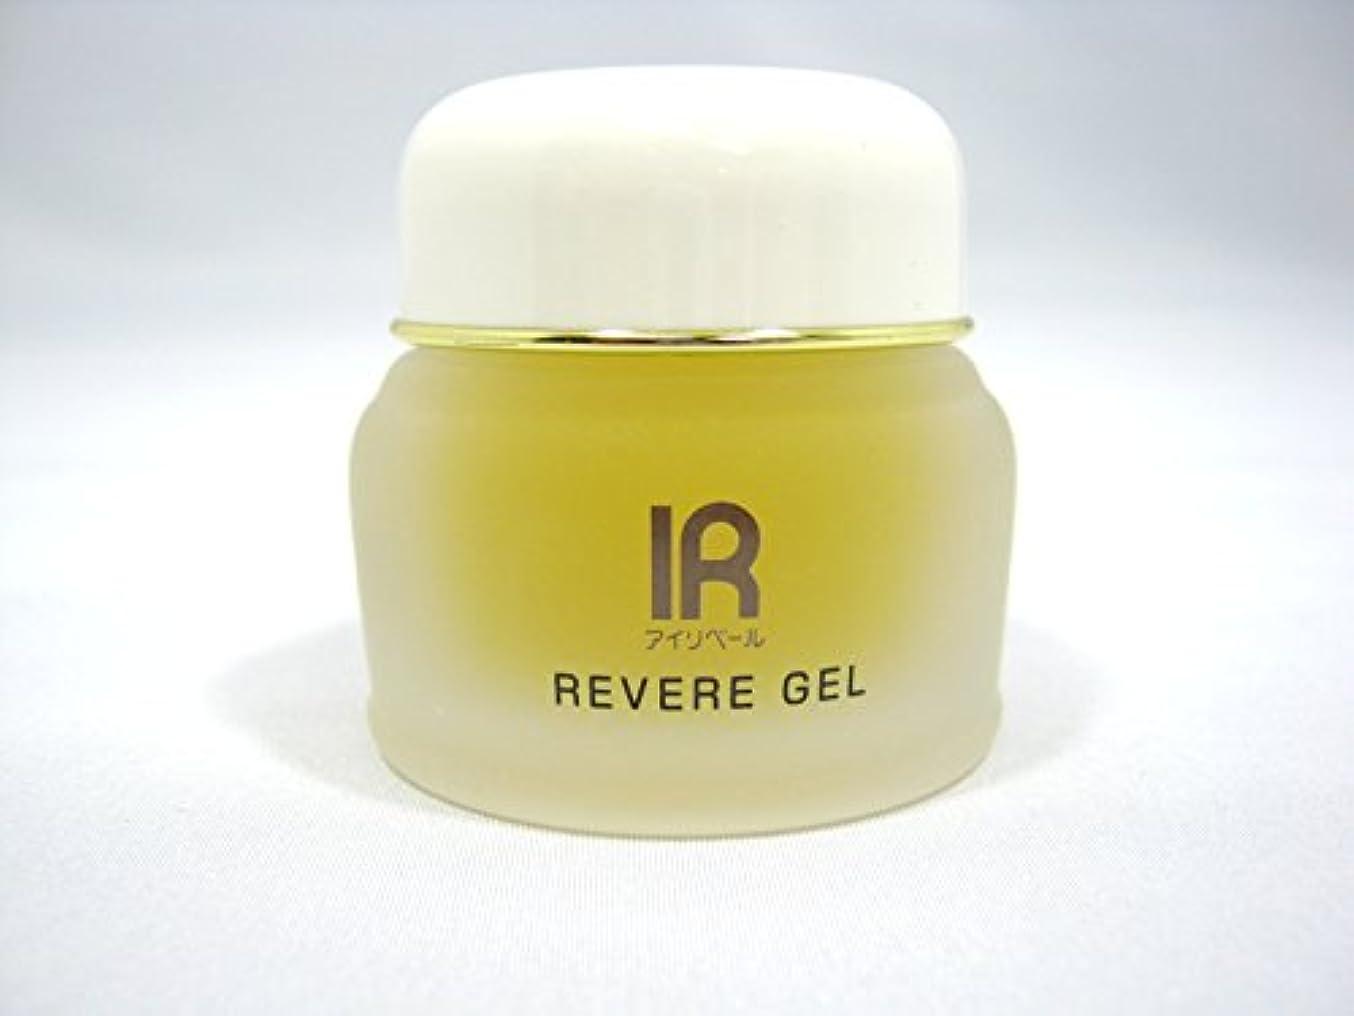 IR アイリベール化粧品 リベールジェル (シワ用クリーム) 30g